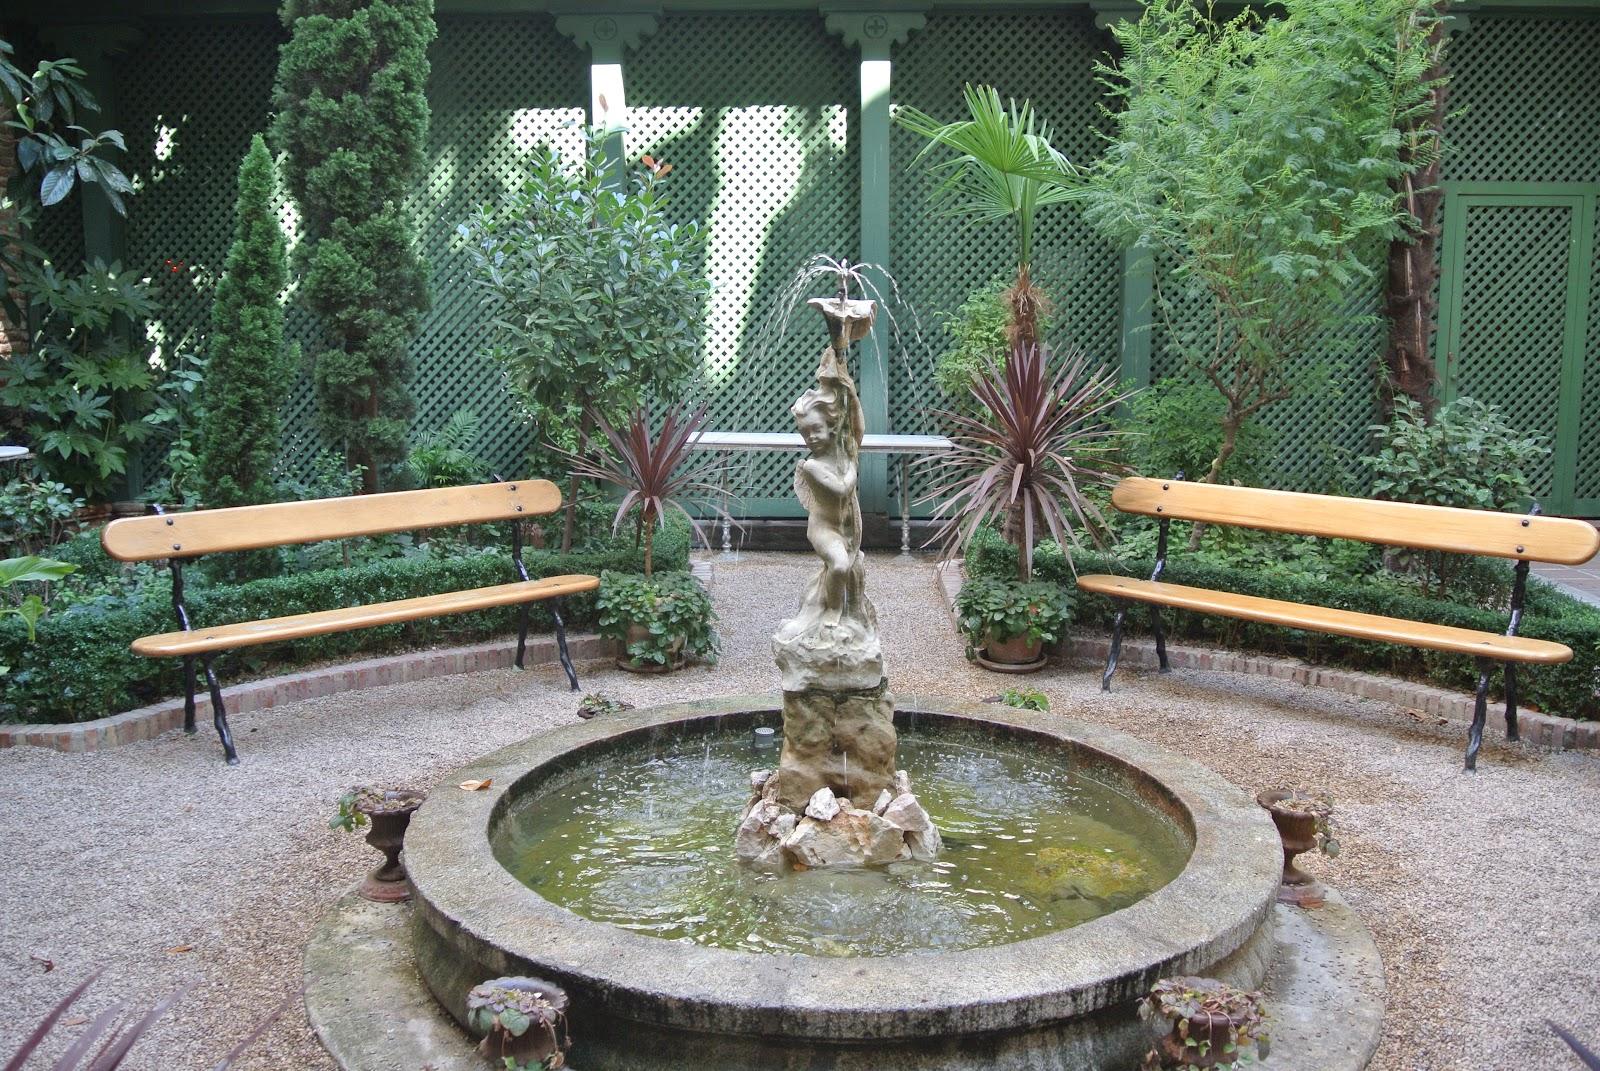 Caf del jard n un rinc n rom ntico en el centro de madrid for El jardin romantico